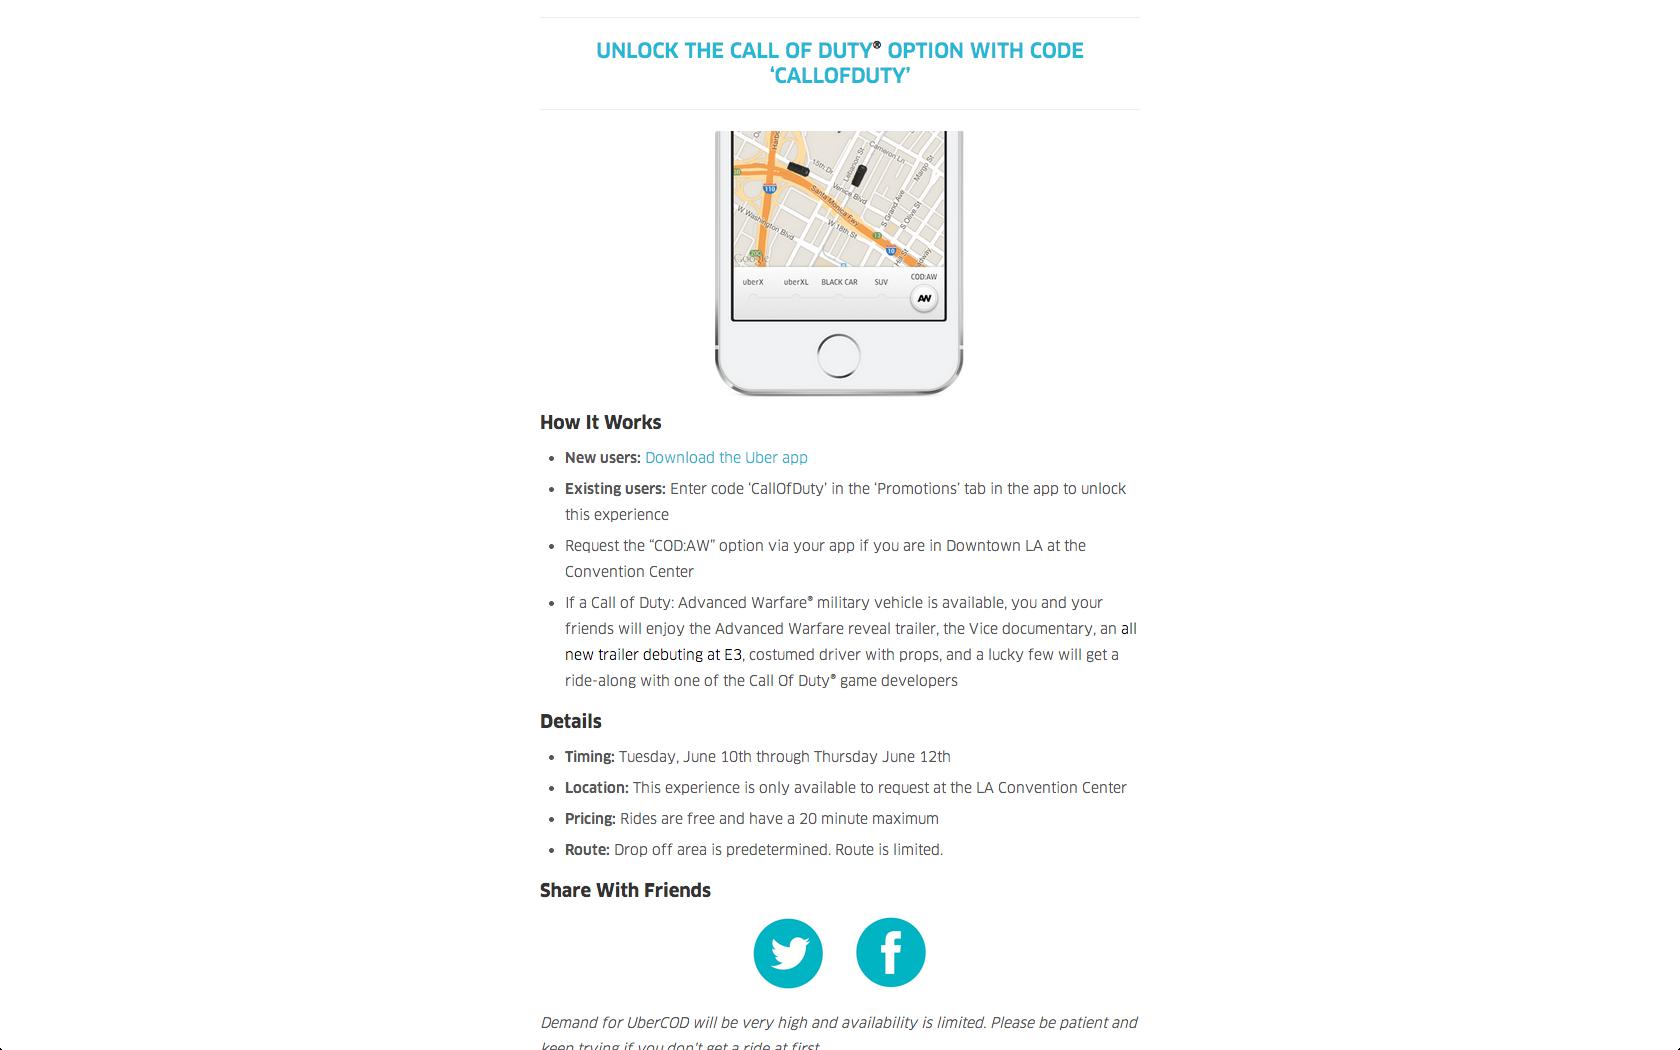 UberSite_BlogPost2.png